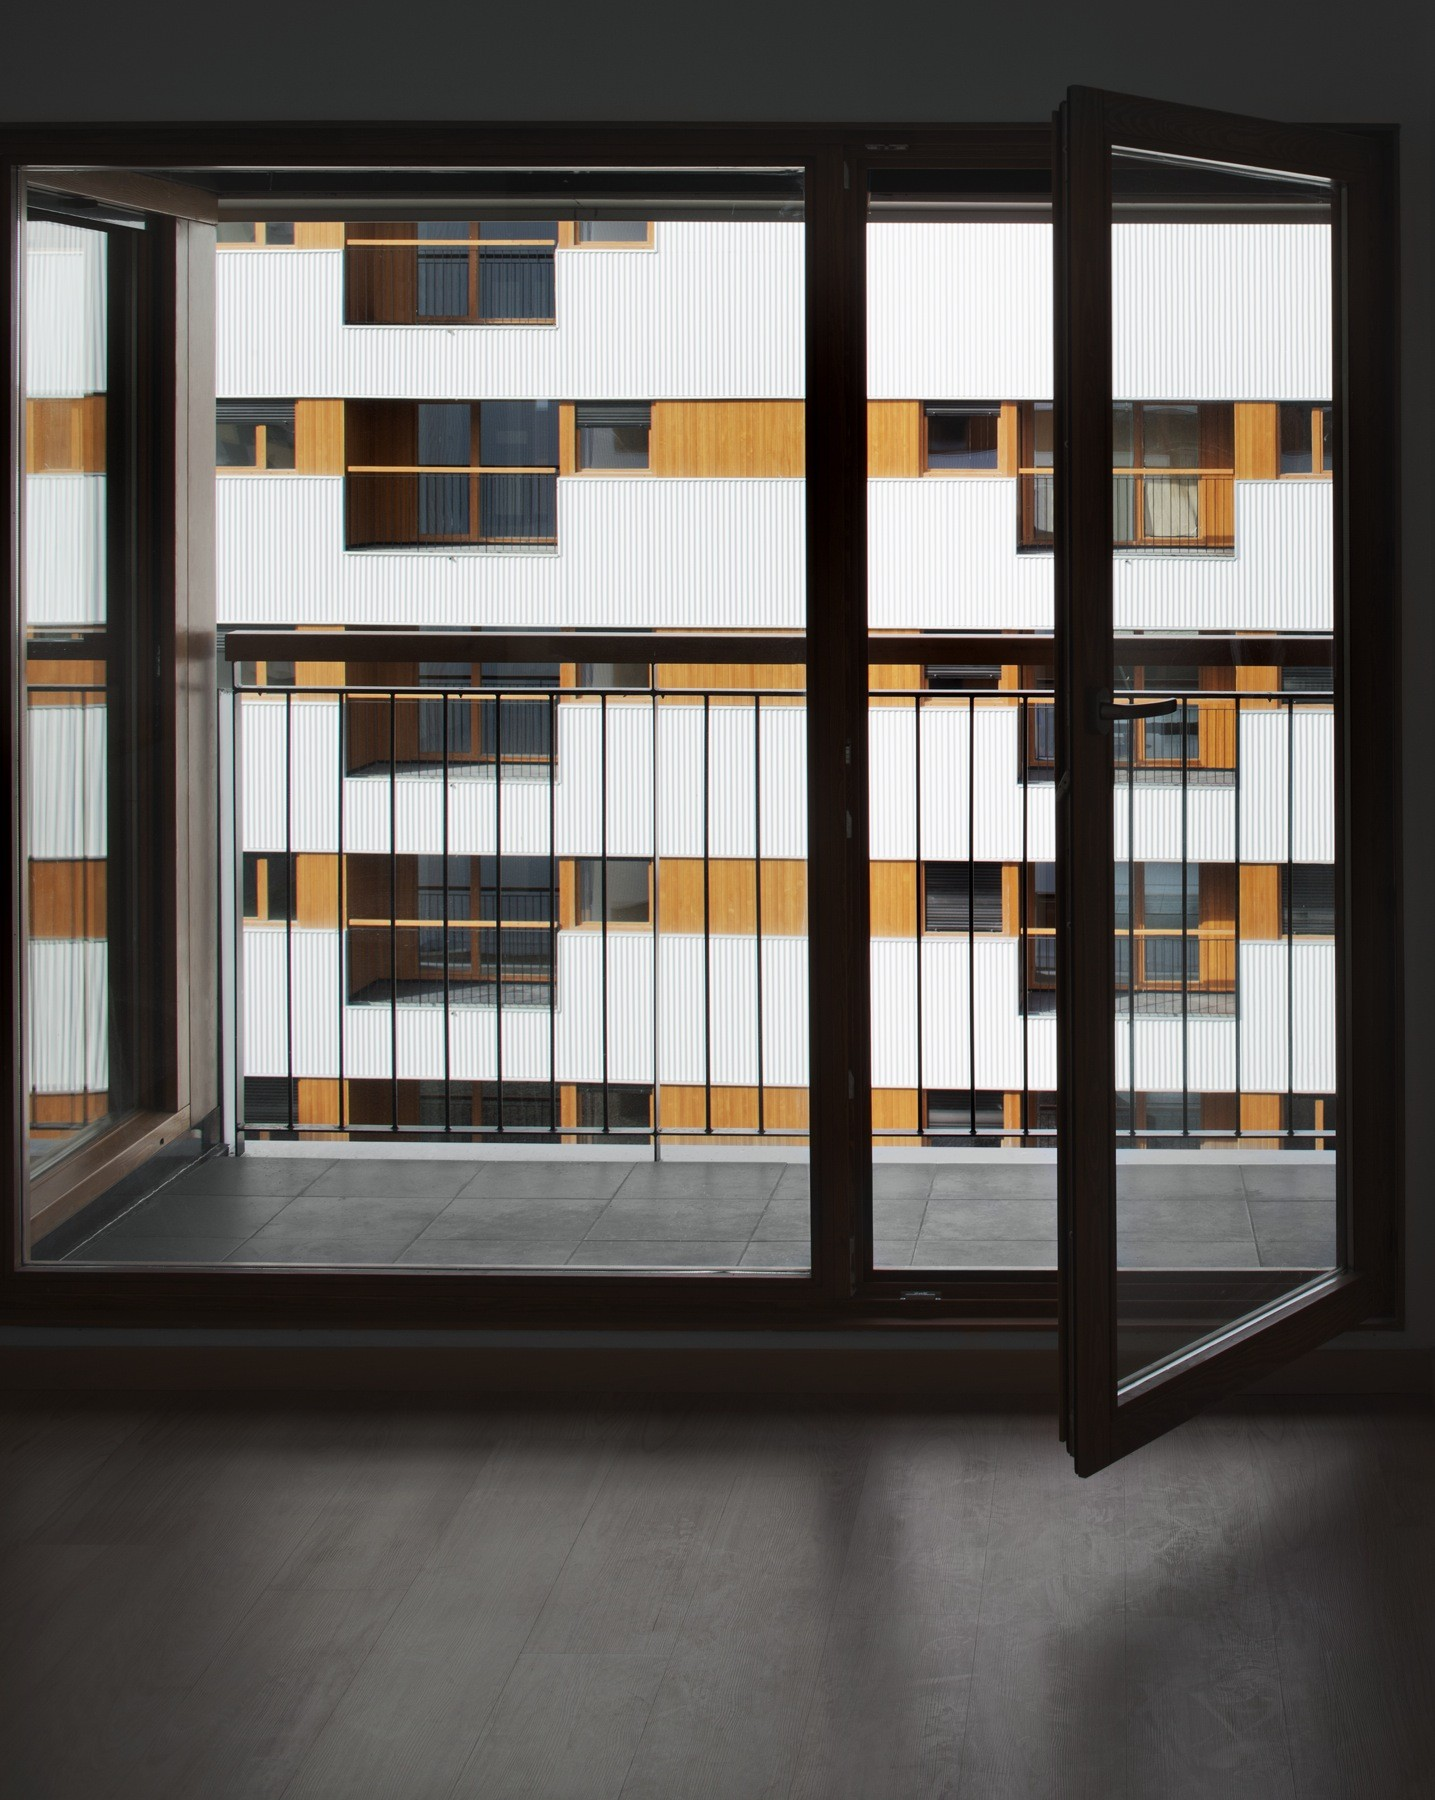 Galer a de nuevo grupo de viviendas de protecci n oficial en vitoria gasteiz acxt arquitectos 13 - Arquitectos en vitoria ...